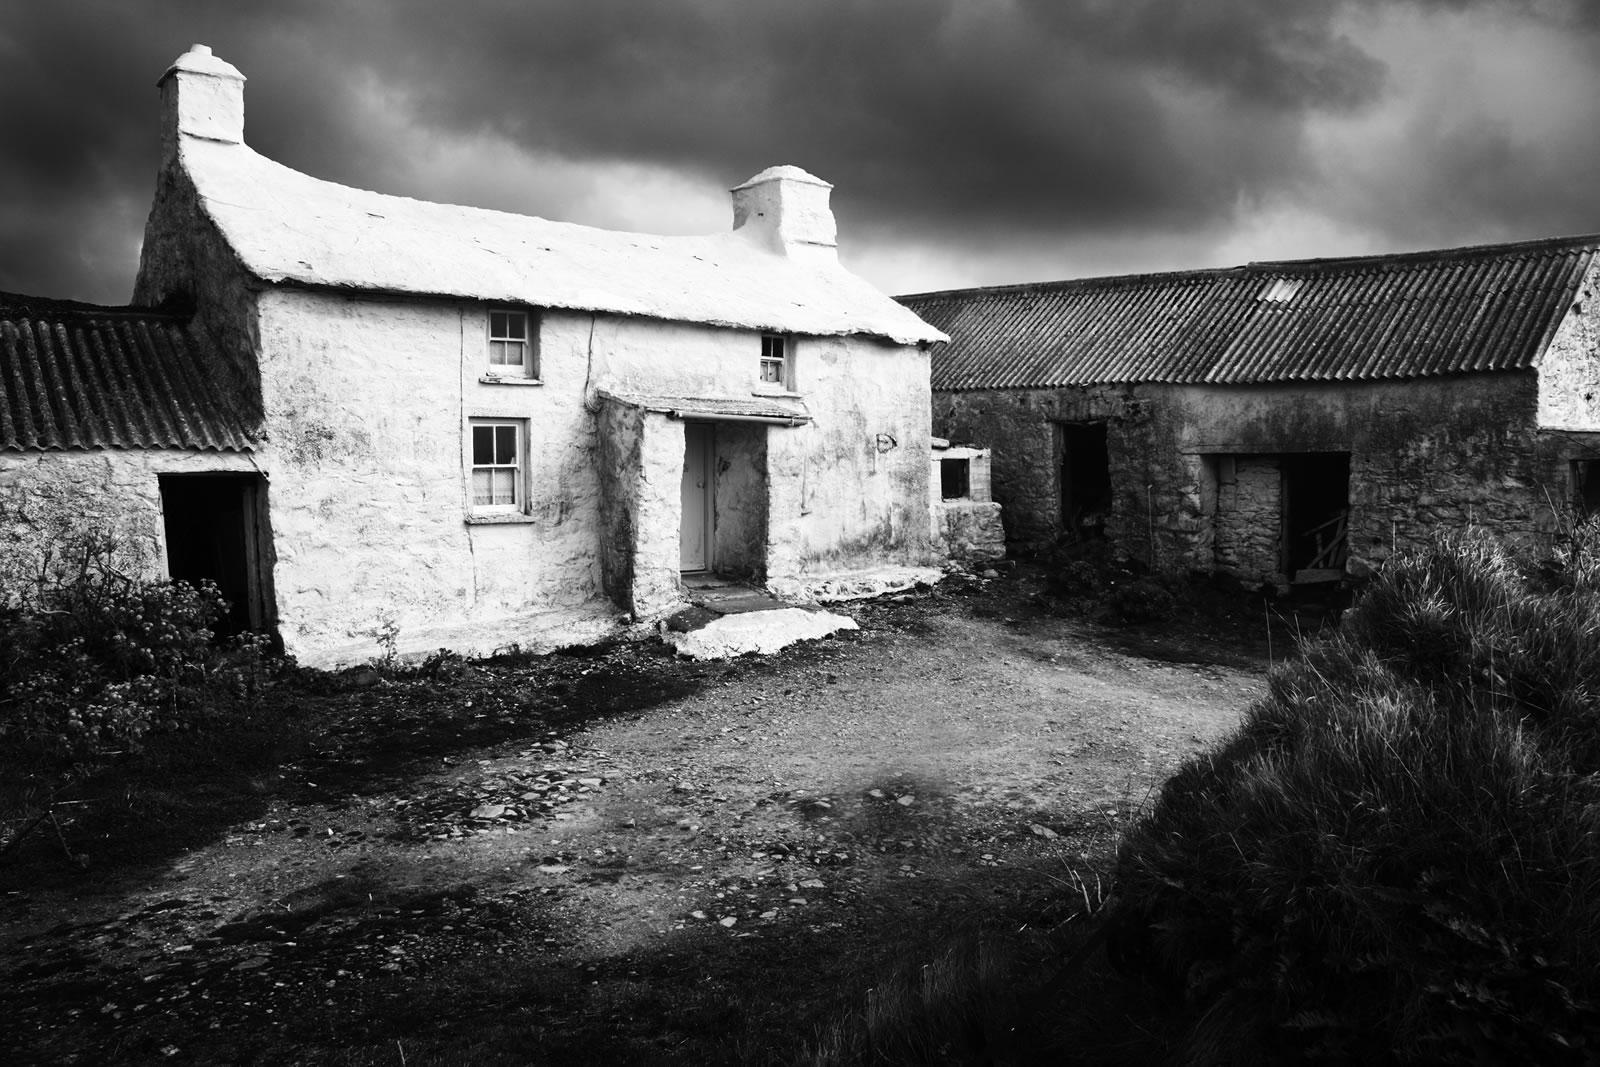 Treleddyd-Fawr-St-Davids-Pembrokeshire-2